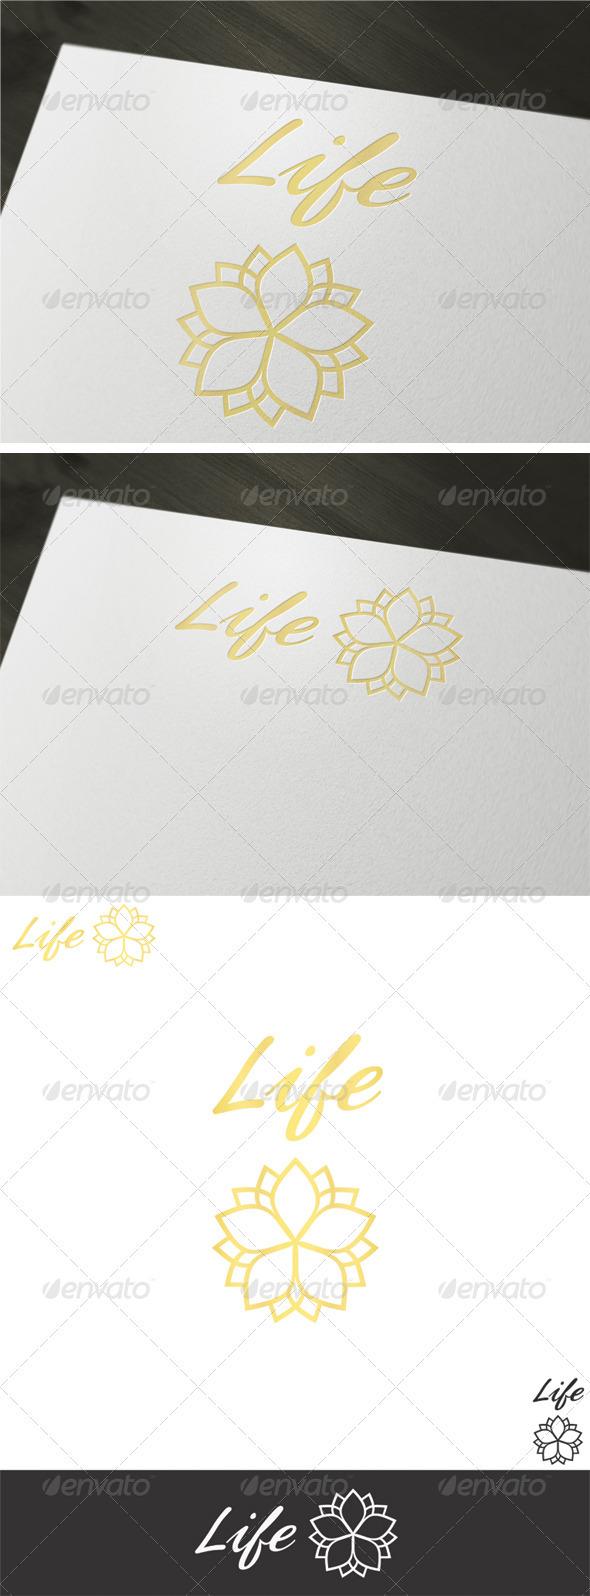 Life Logo Template - Vector Abstract